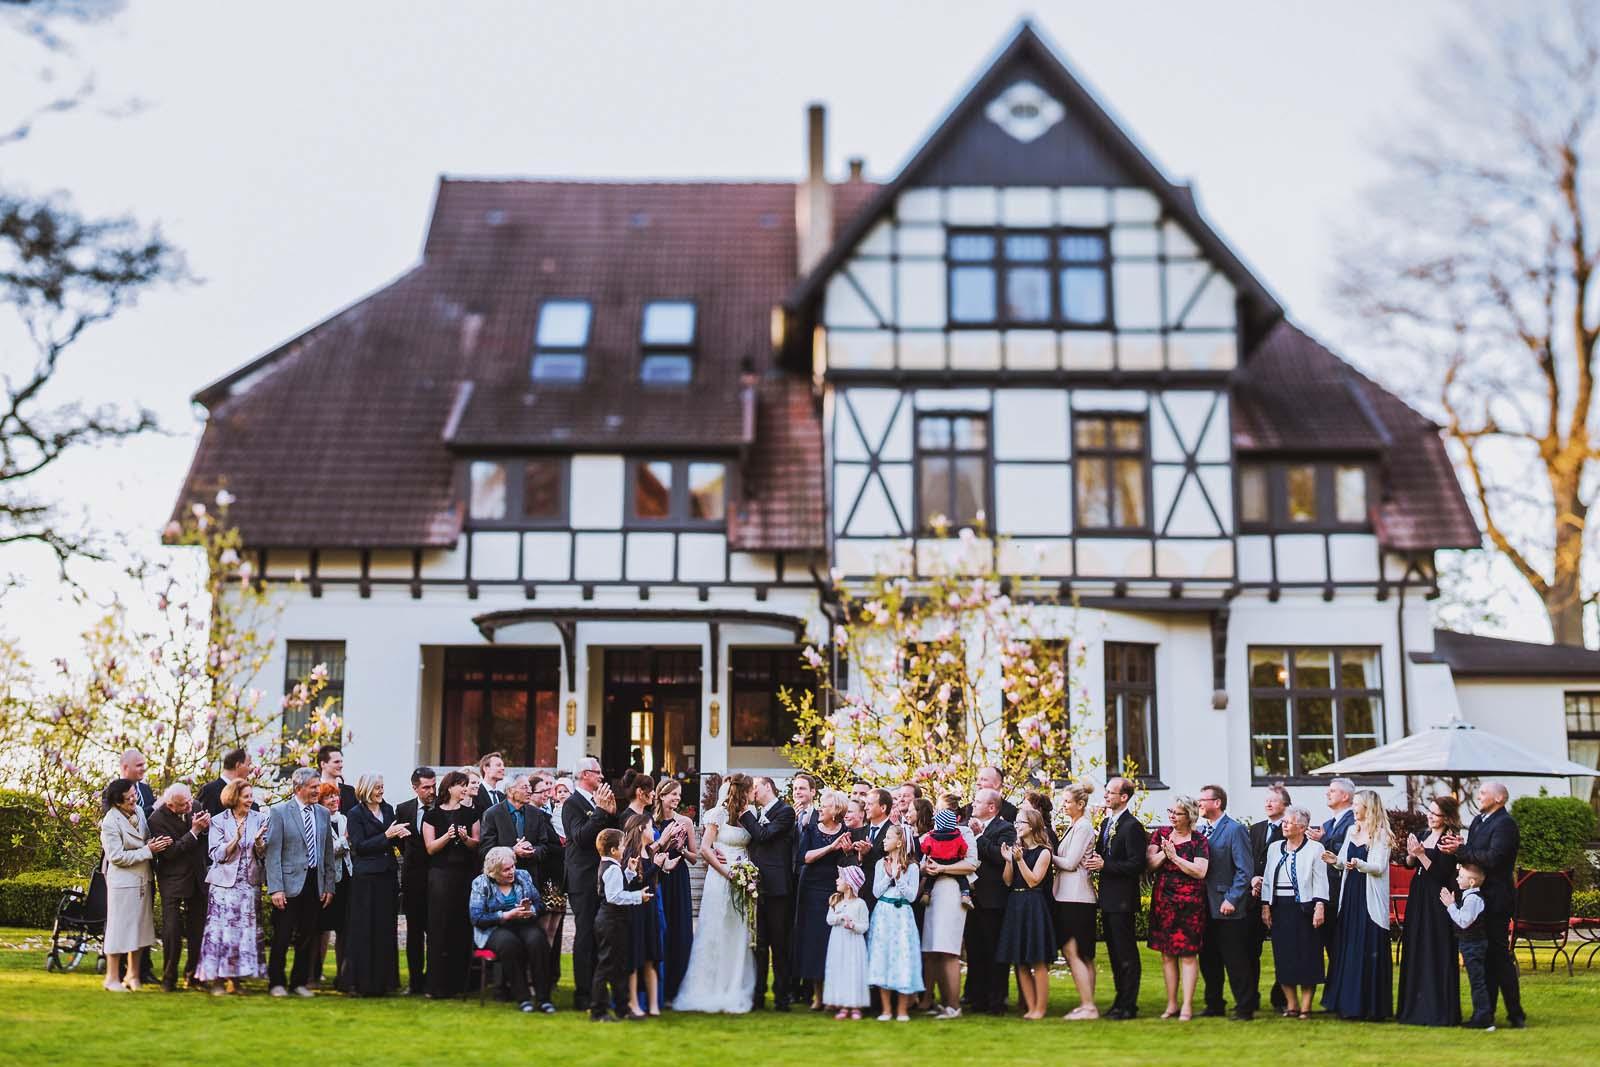 Hochzeitsfotograf macht Gruppenfoto waehrend einer Hochzeit am Gutshaus Kubbelkow auf Ruegen Copyright by Hochzeitsfotograf www.berliner-hochzeitsfotografie.de